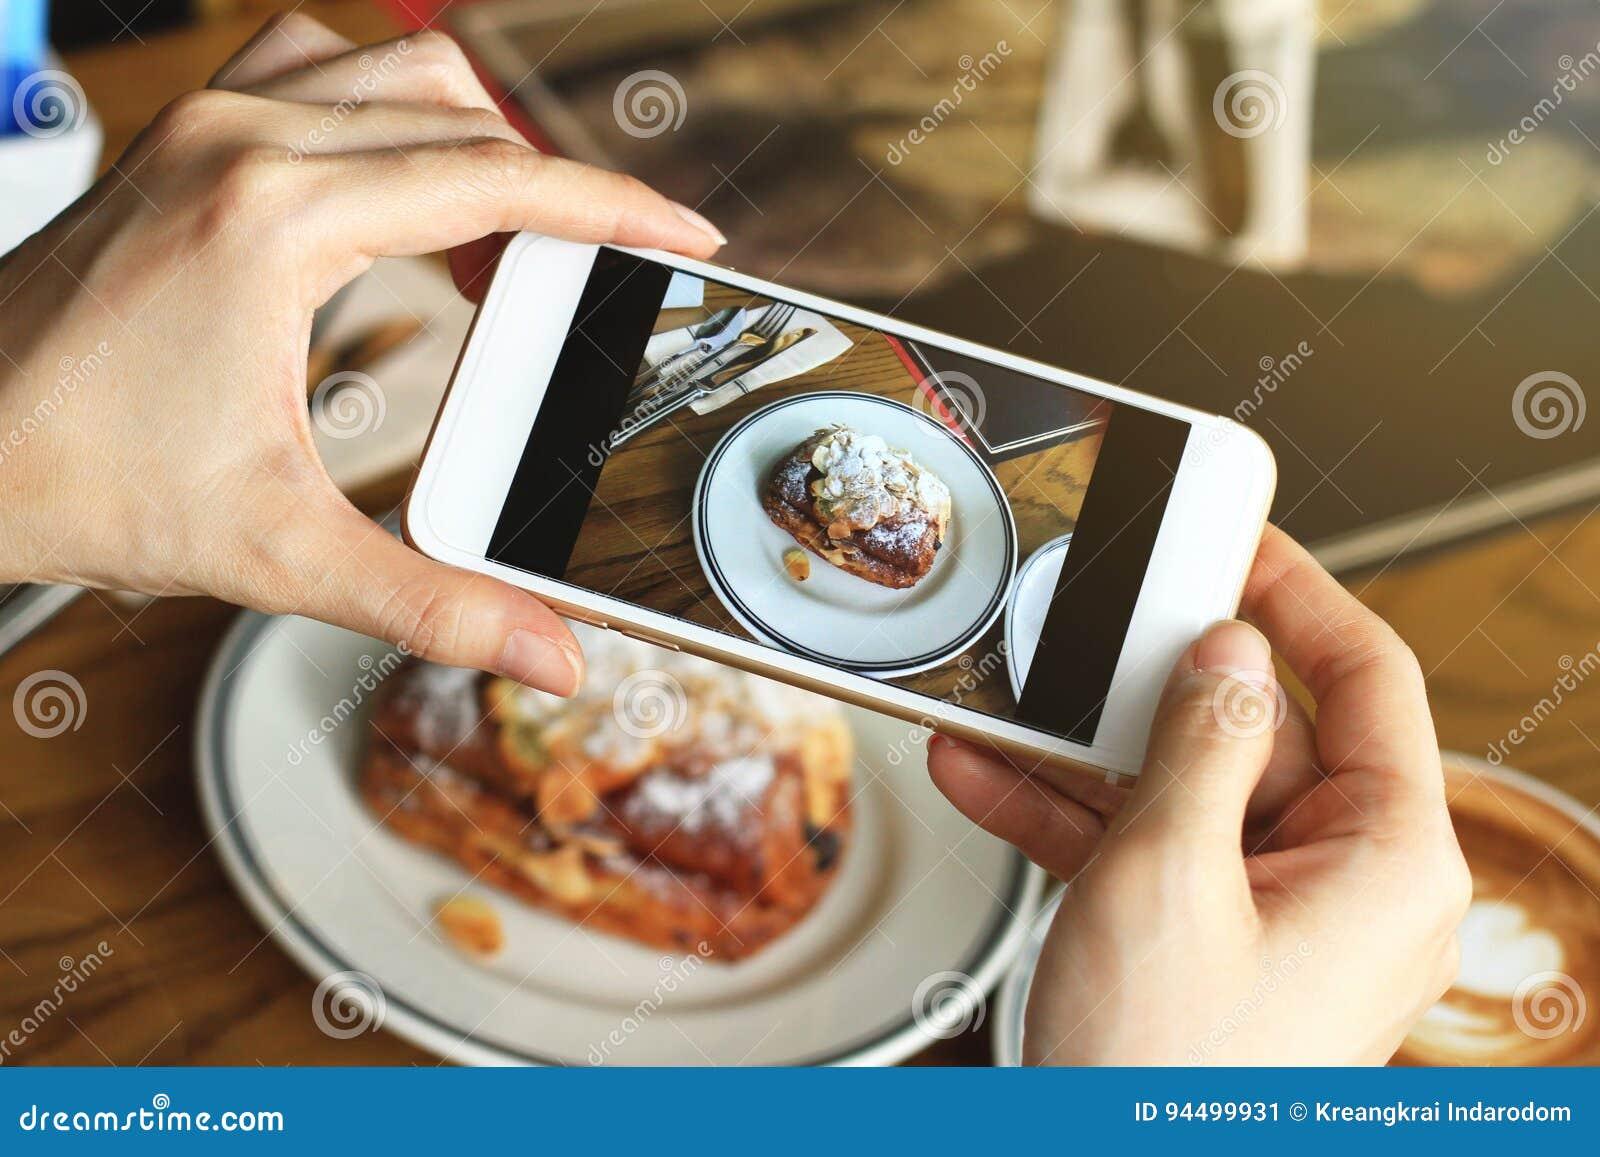 Κινηματογράφηση σε πρώτο πλάνο των χεριών γυναικών ` s που παίρνουν τη φωτογραφία του γλυκού επιδορπίου από το smartphone